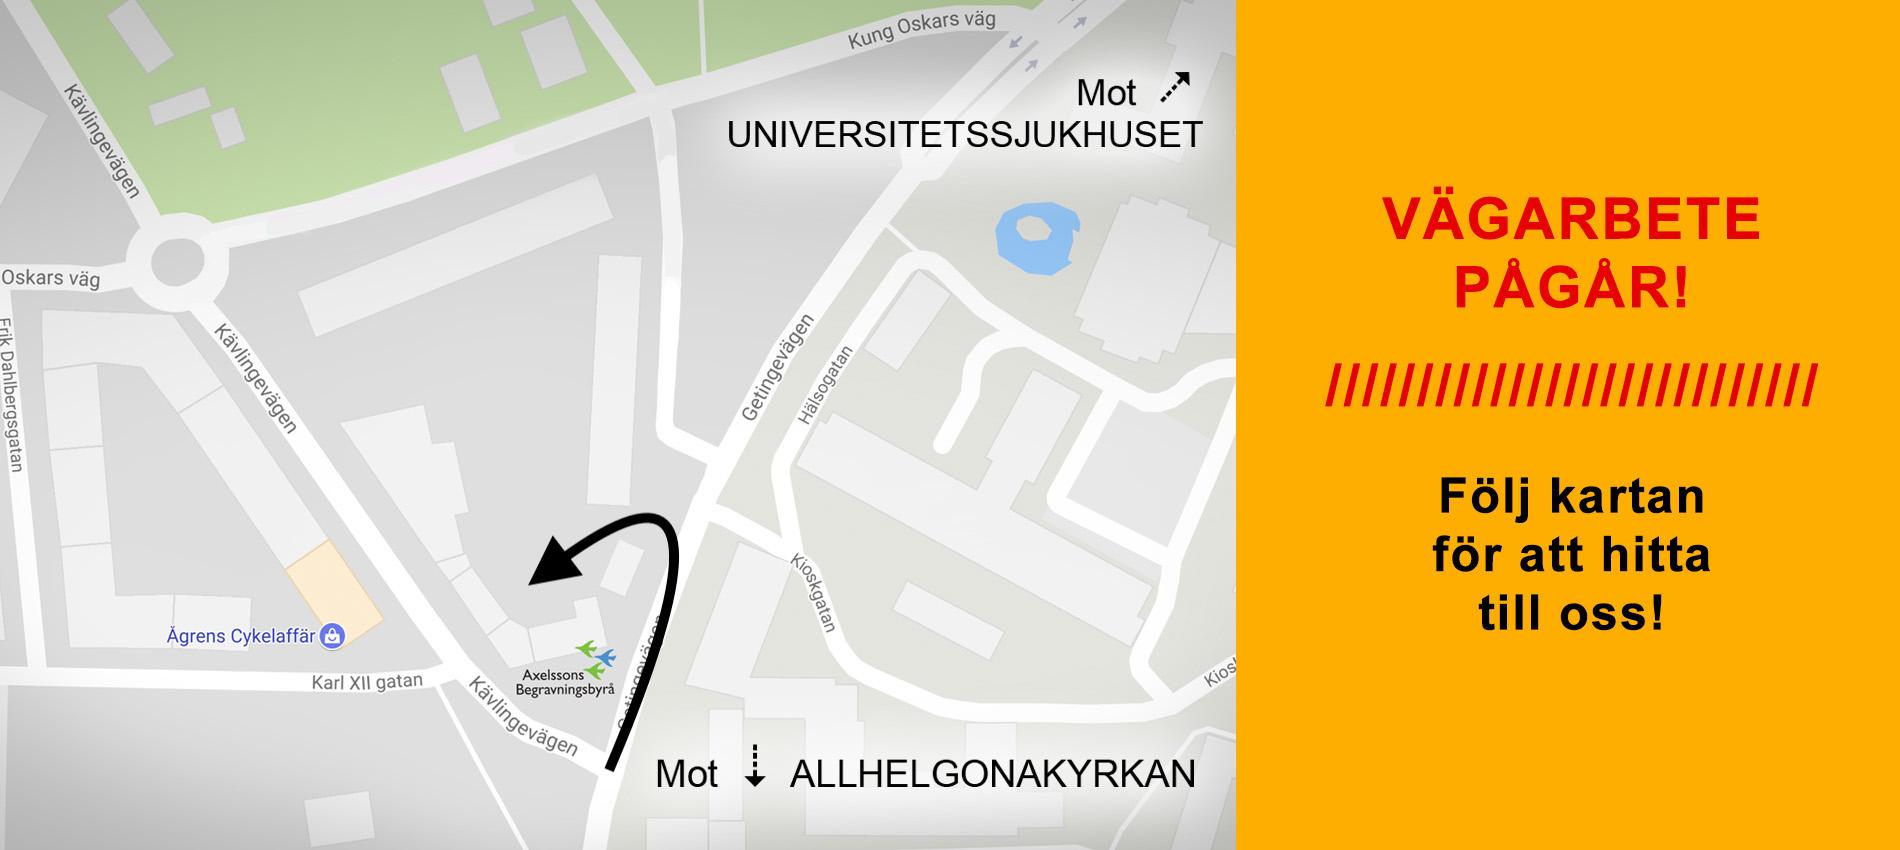 Axelssons Begravningsbyrå Lund - Vägarbete pågår i Lund - Karta till vårt huvudkontor i Lund